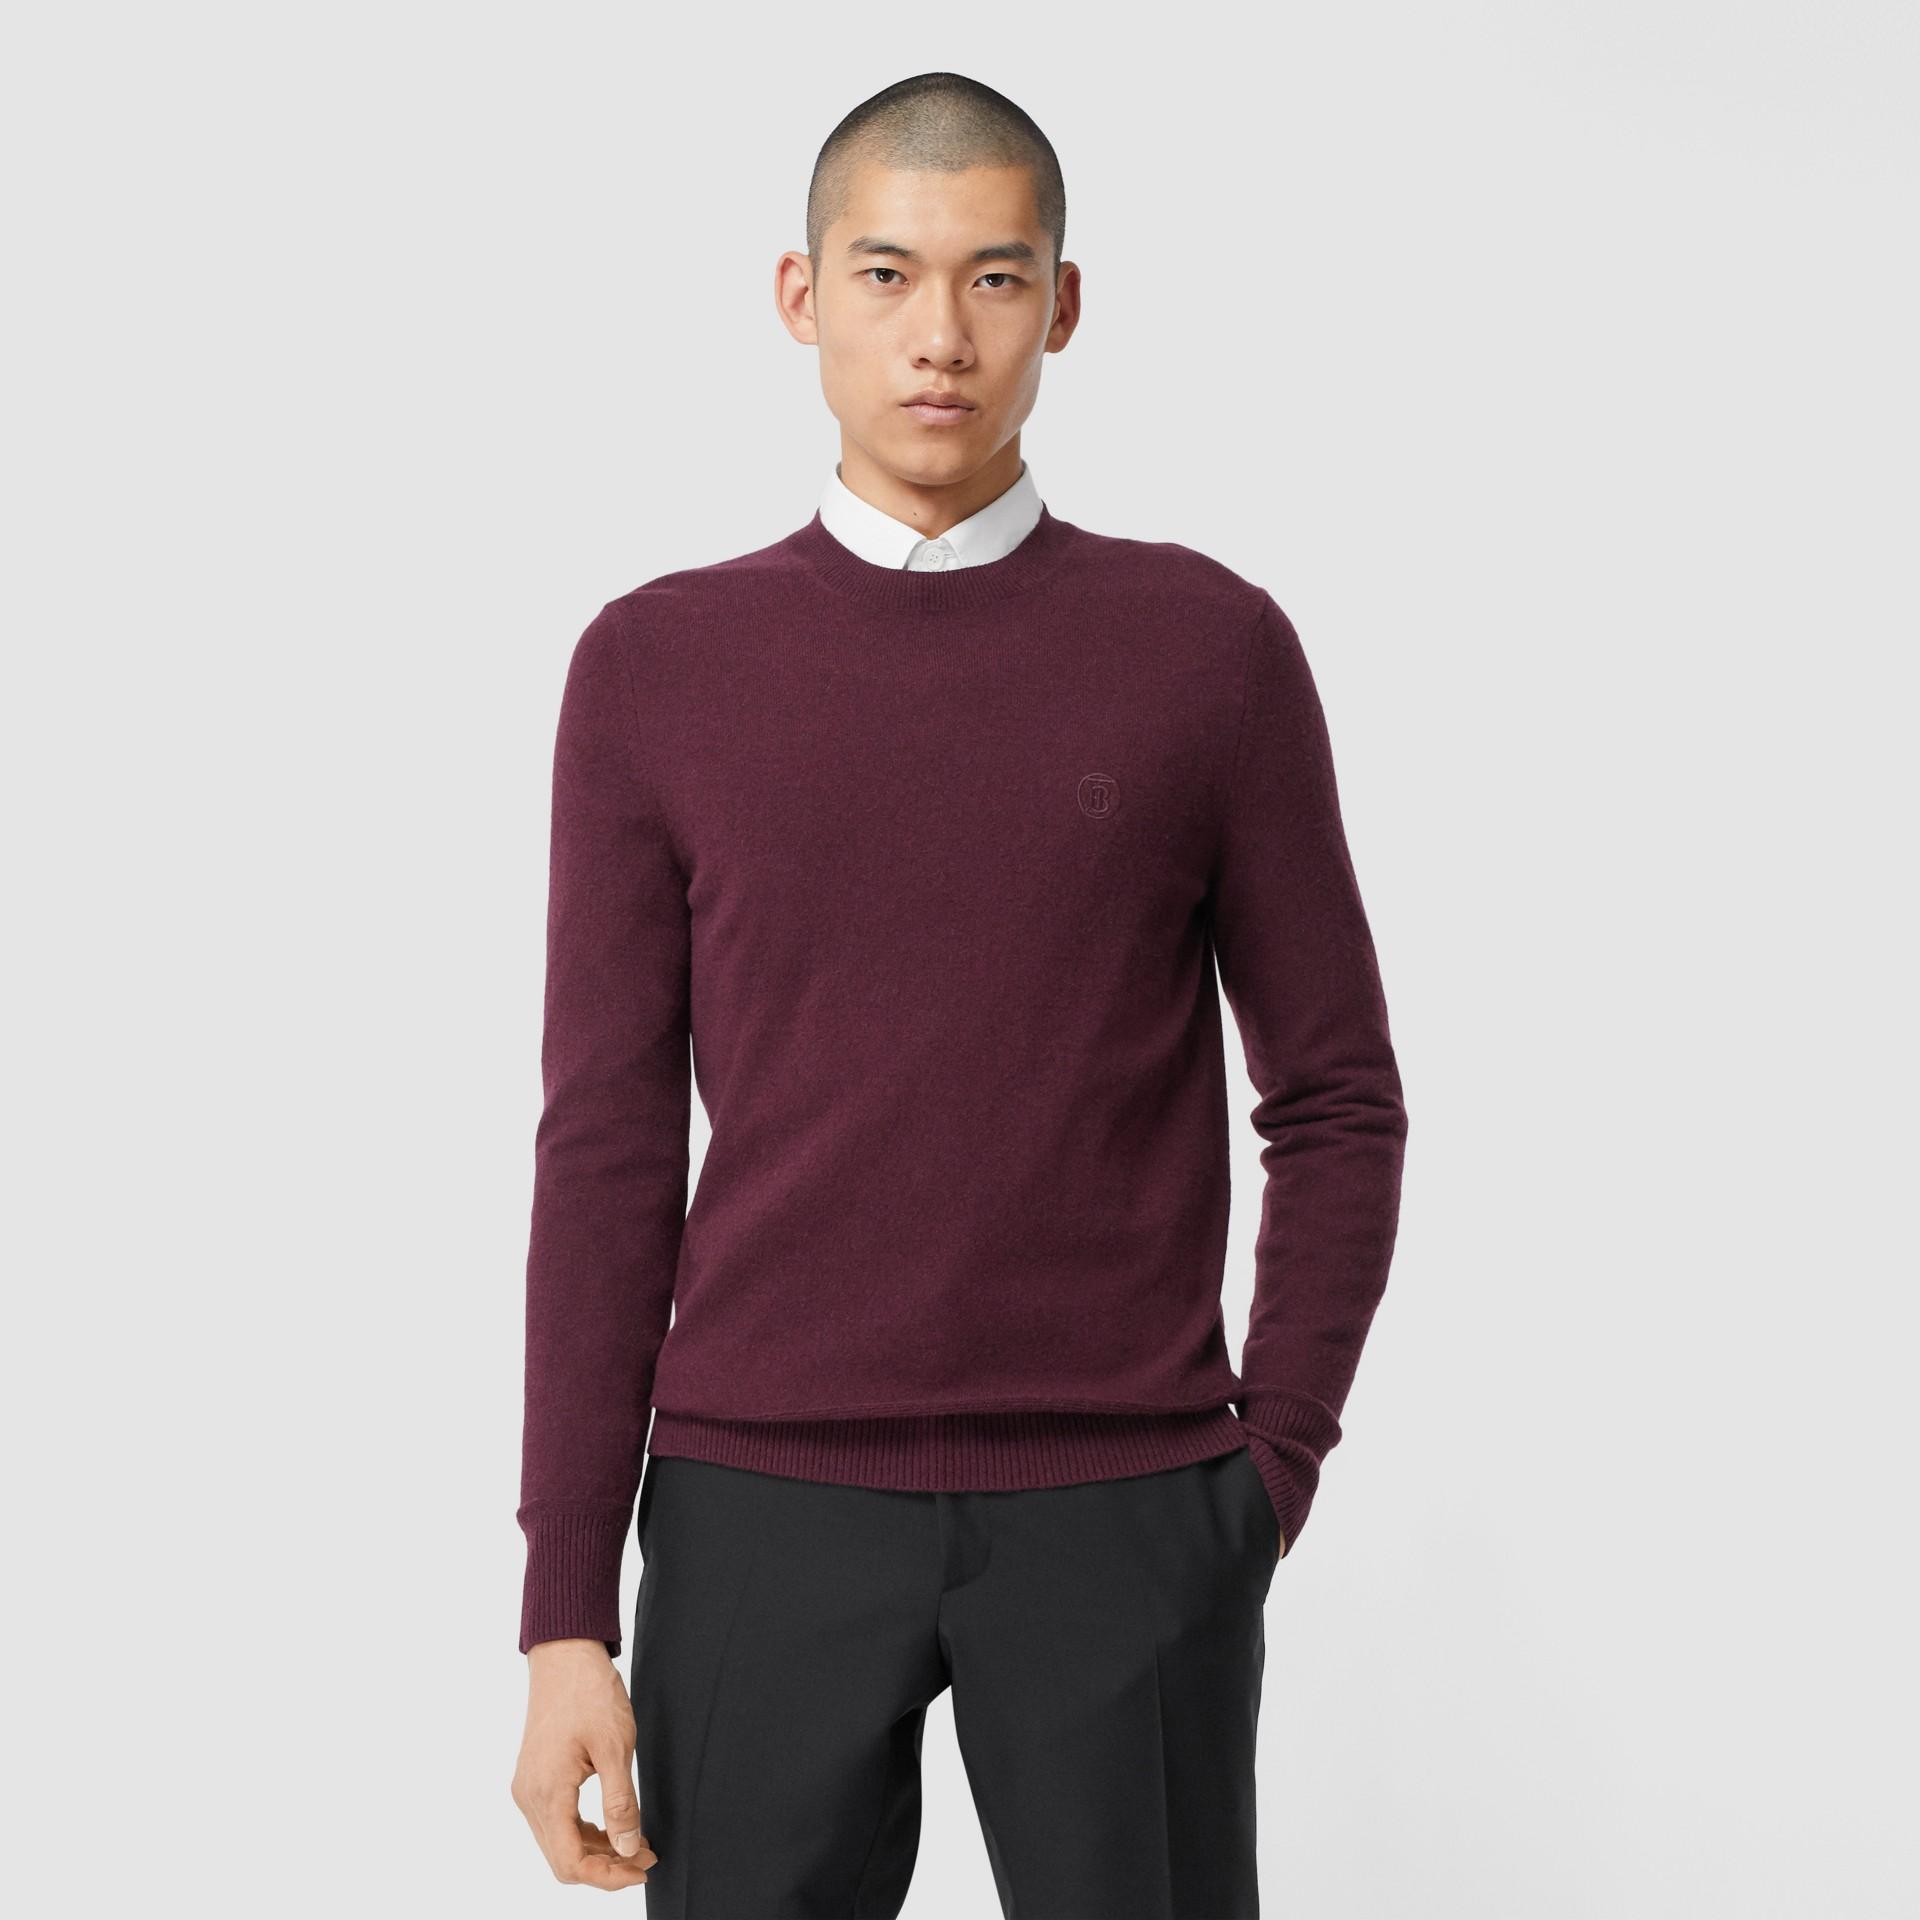 모노그램 모티프 캐시미어 스웨터 (버건디) - 남성 | Burberry - 갤러리 이미지 0